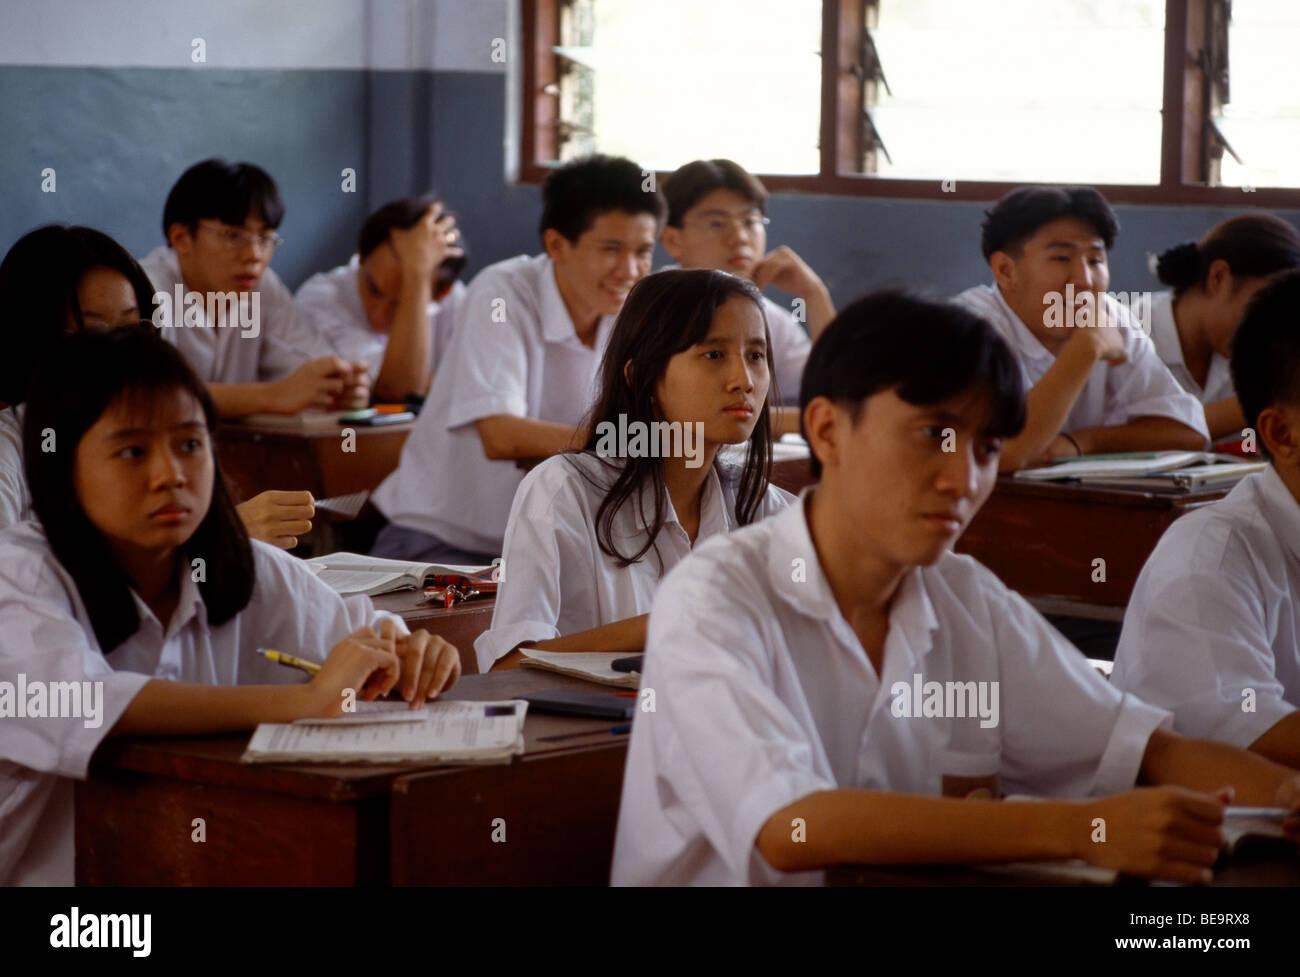 Jakarta Indonesia Kristen Kanaan School Children In Classroom - Stock Image